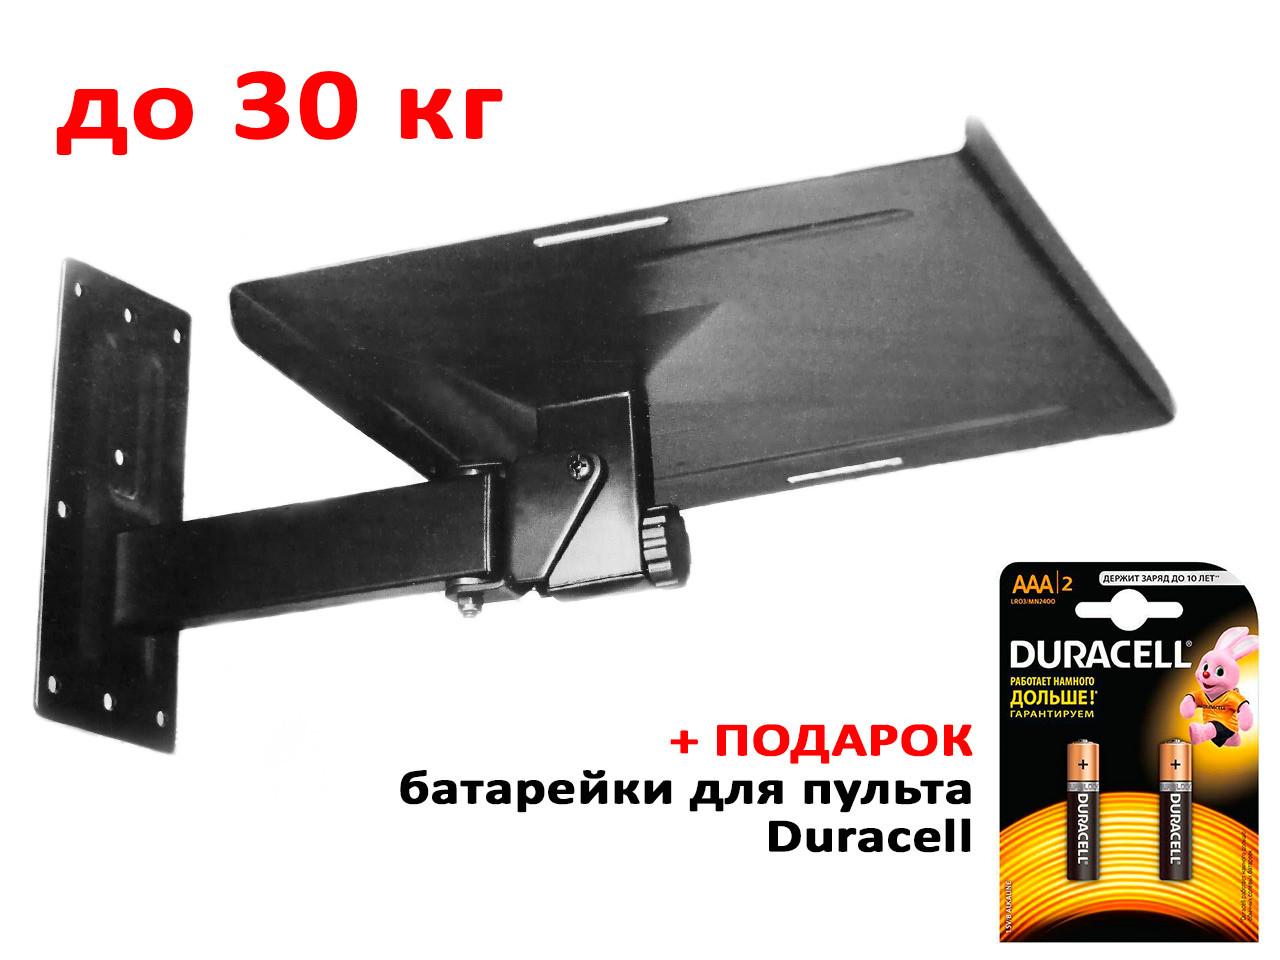 Кронштейн (крепление настенное) для кинескопных телевизоров 2103 + Подарок батарейки для пульта Duracell(2шт.)